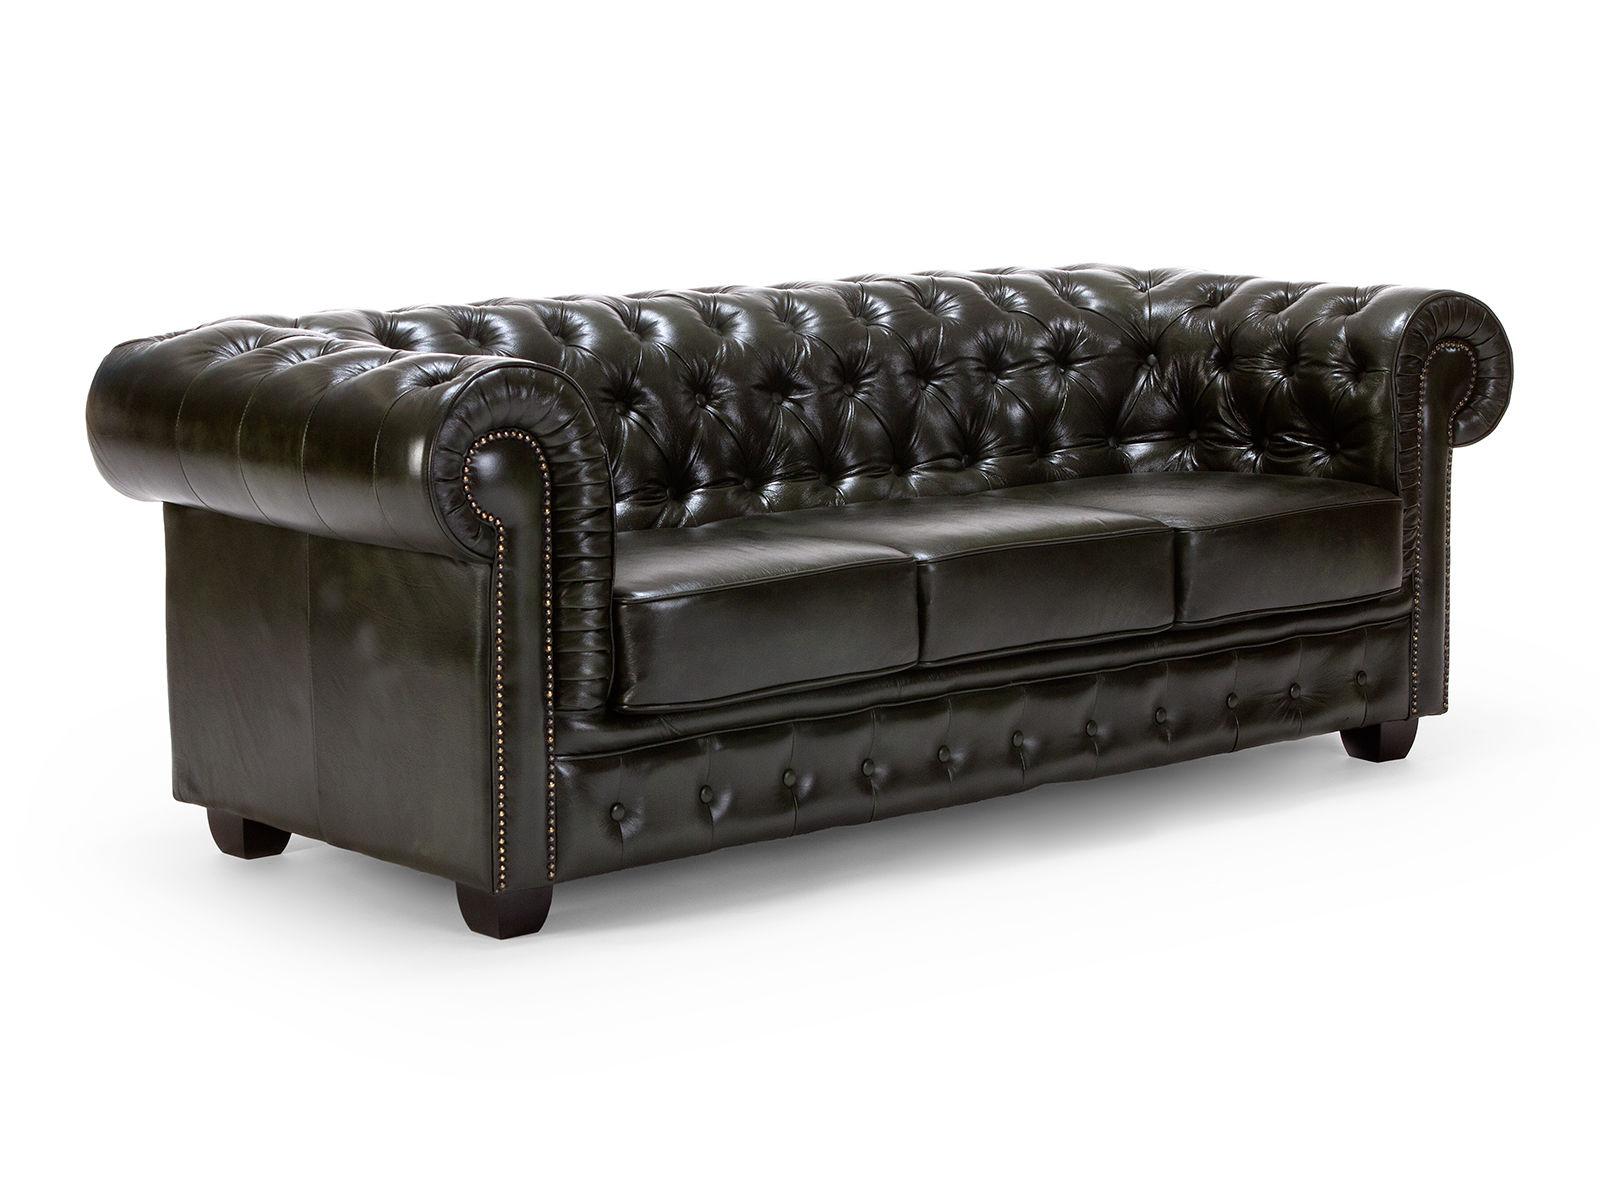 Full Size of Chesterfield 2er Sofa Grau Couch Samt Set Stoff Sofas Mbel Online Kaufen Massivum Auf Raten Günstig Husse Terassen Big Xxl Sitzsack Blau 2 Sitzer Kolonialstil Sofa Chesterfield Sofa Grau